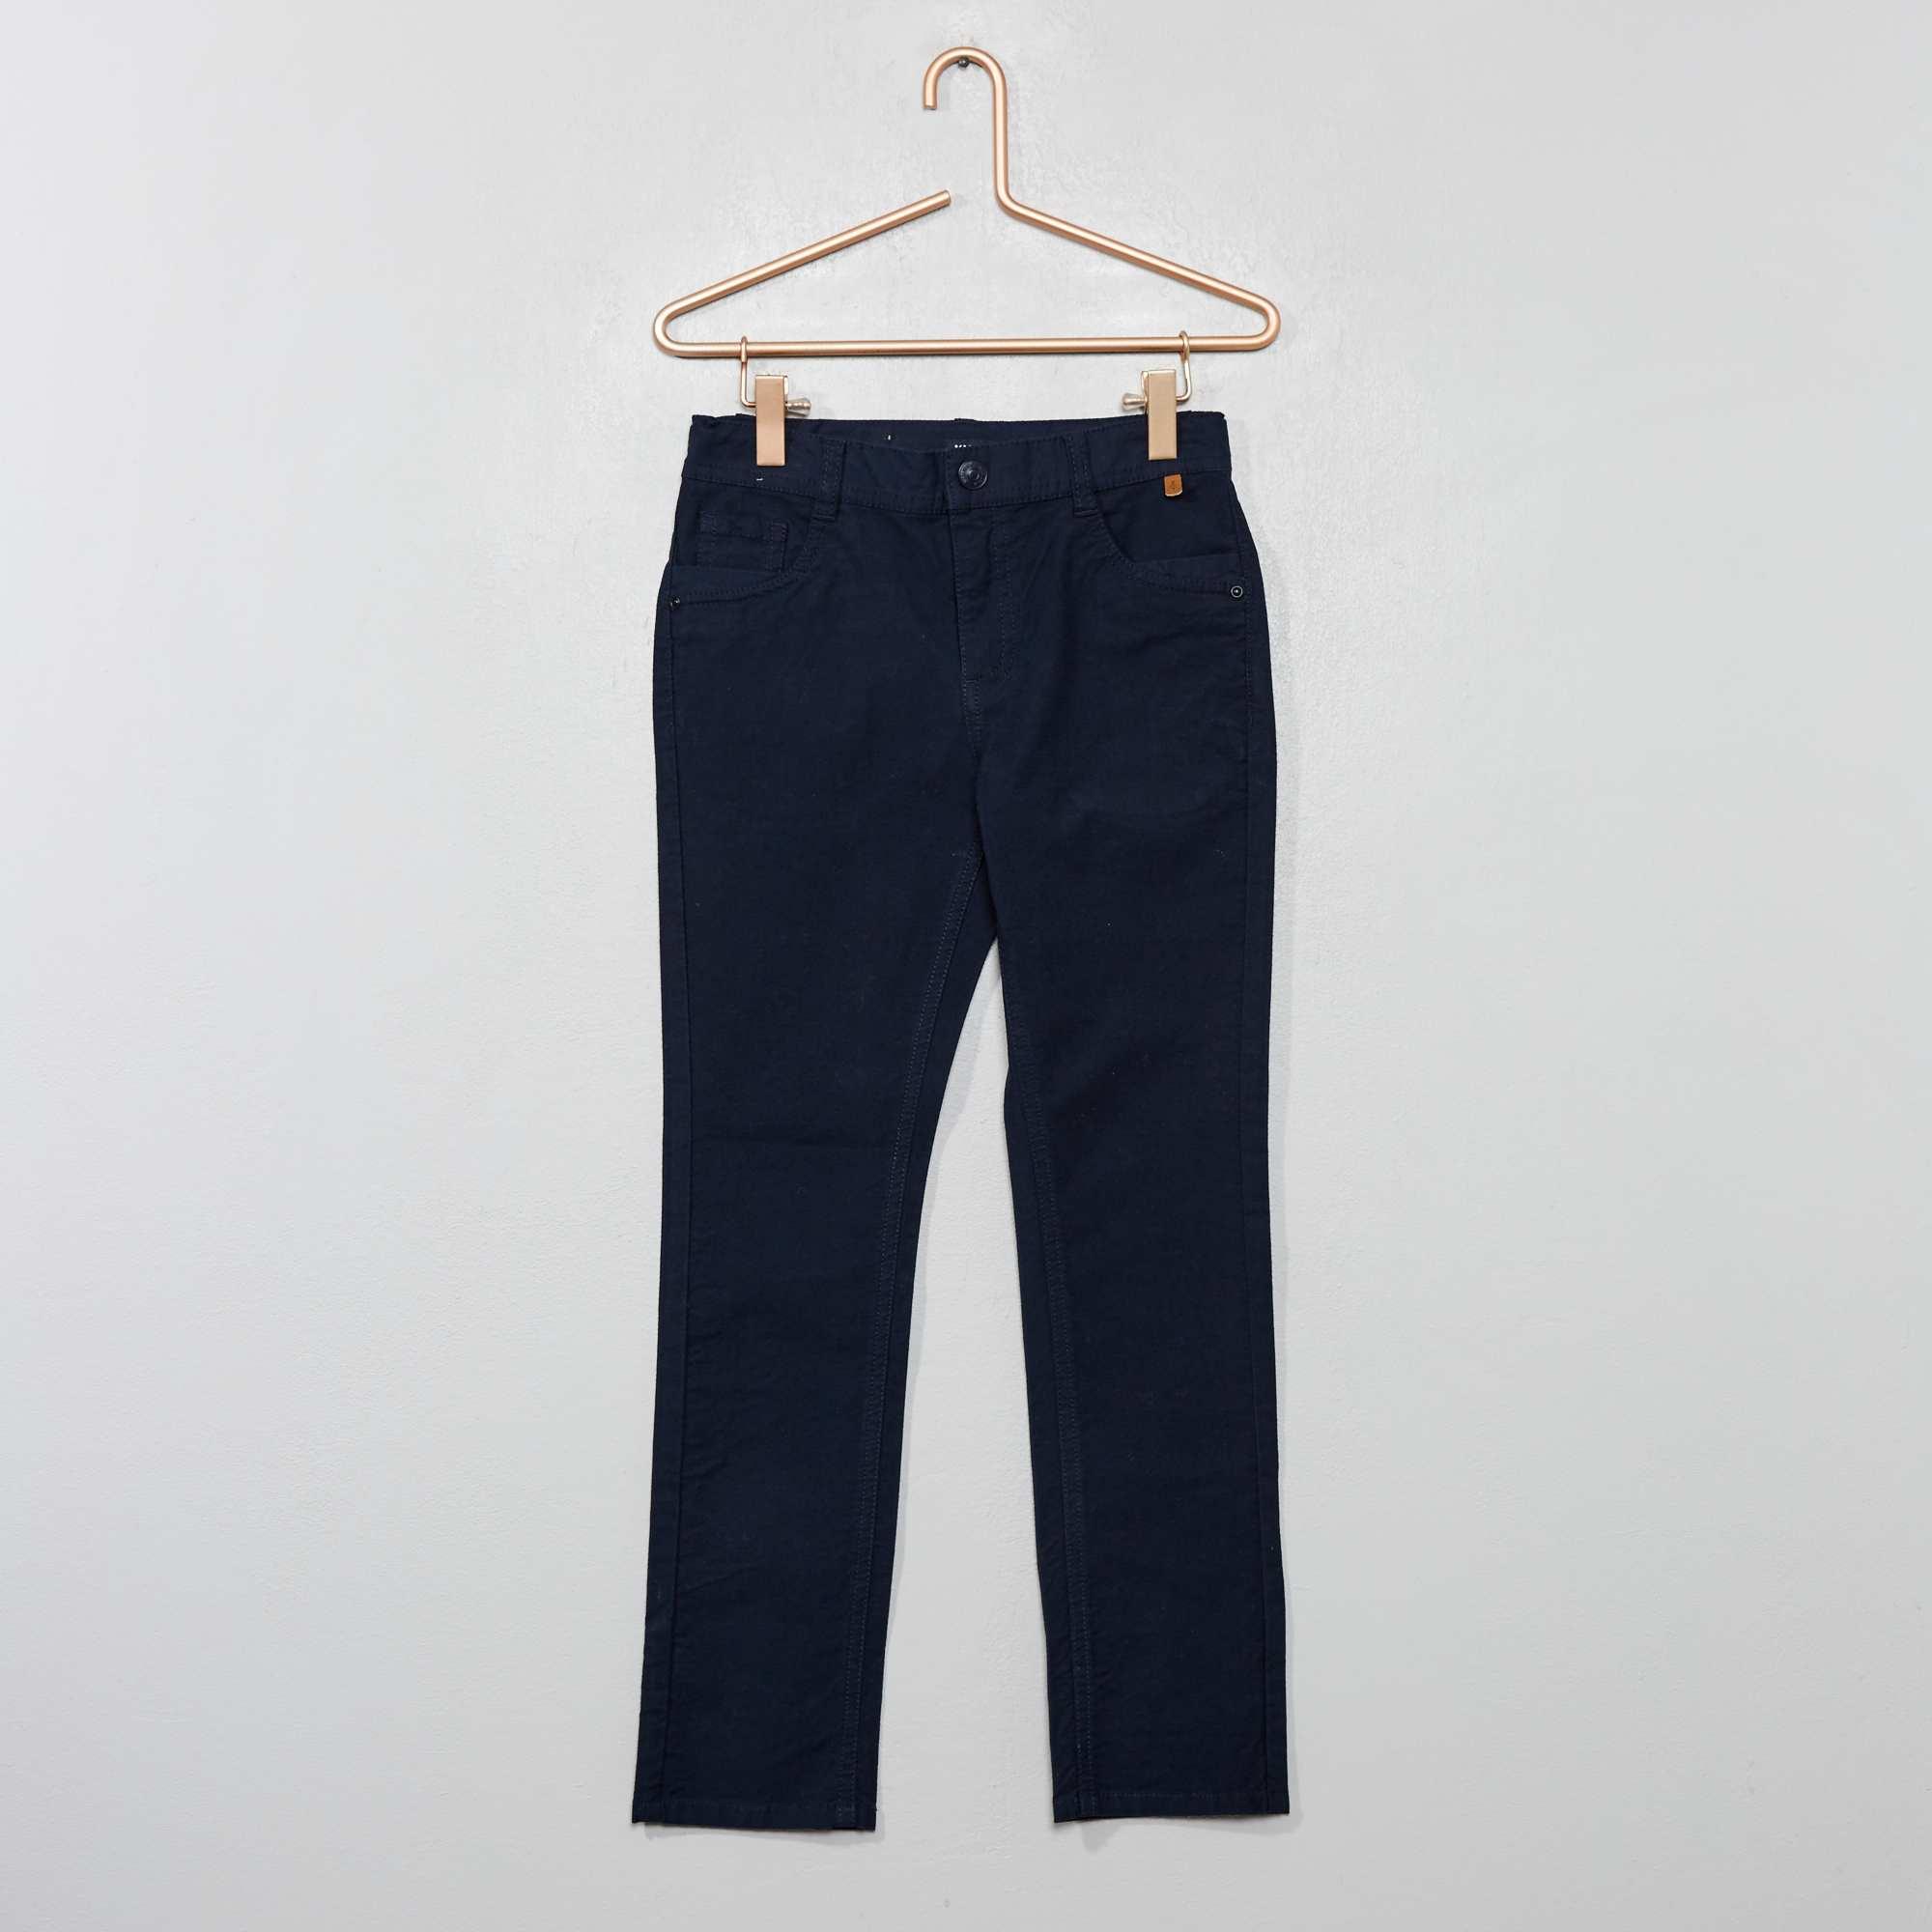 Slim Texturé Stretch Coton Pantalon En Yvbyf76g